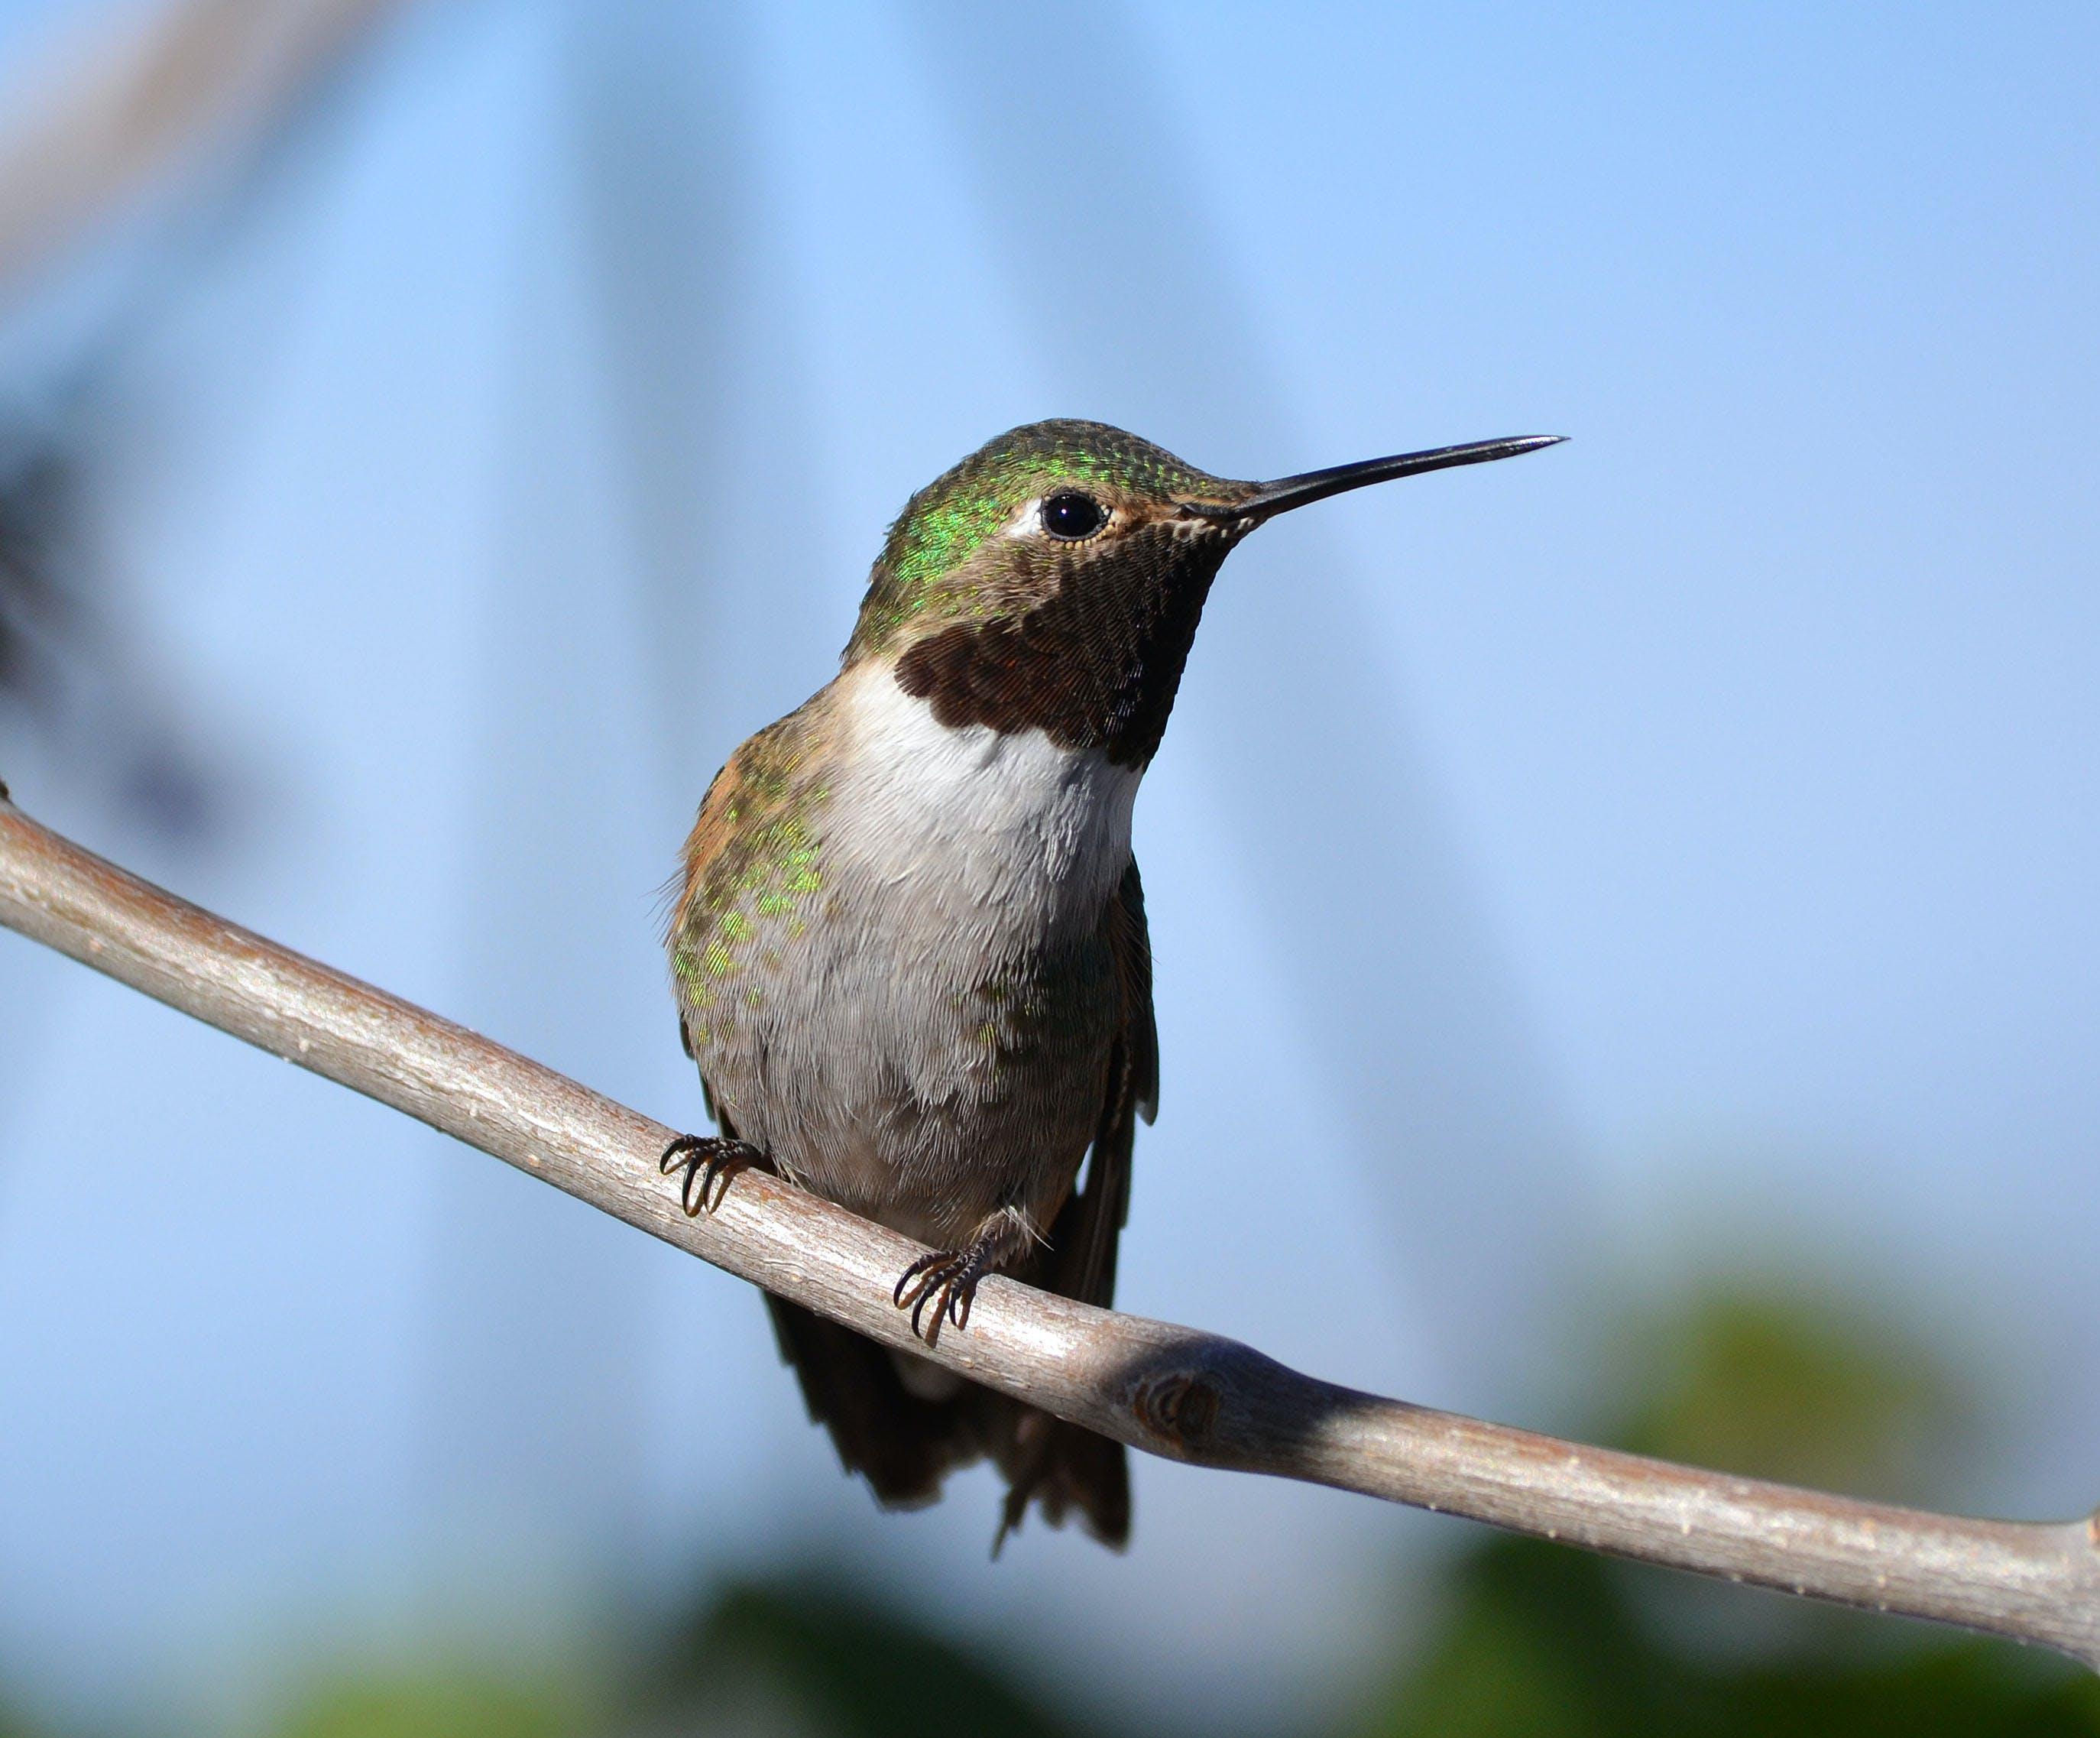 Gratis stockfoto met beest, birdwatching, close-up, daglicht